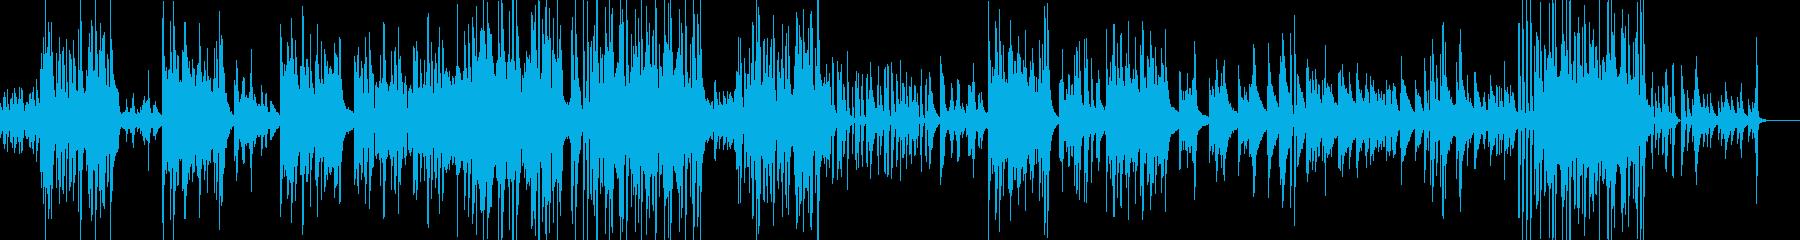 切なく時折明るいピアノソロの再生済みの波形